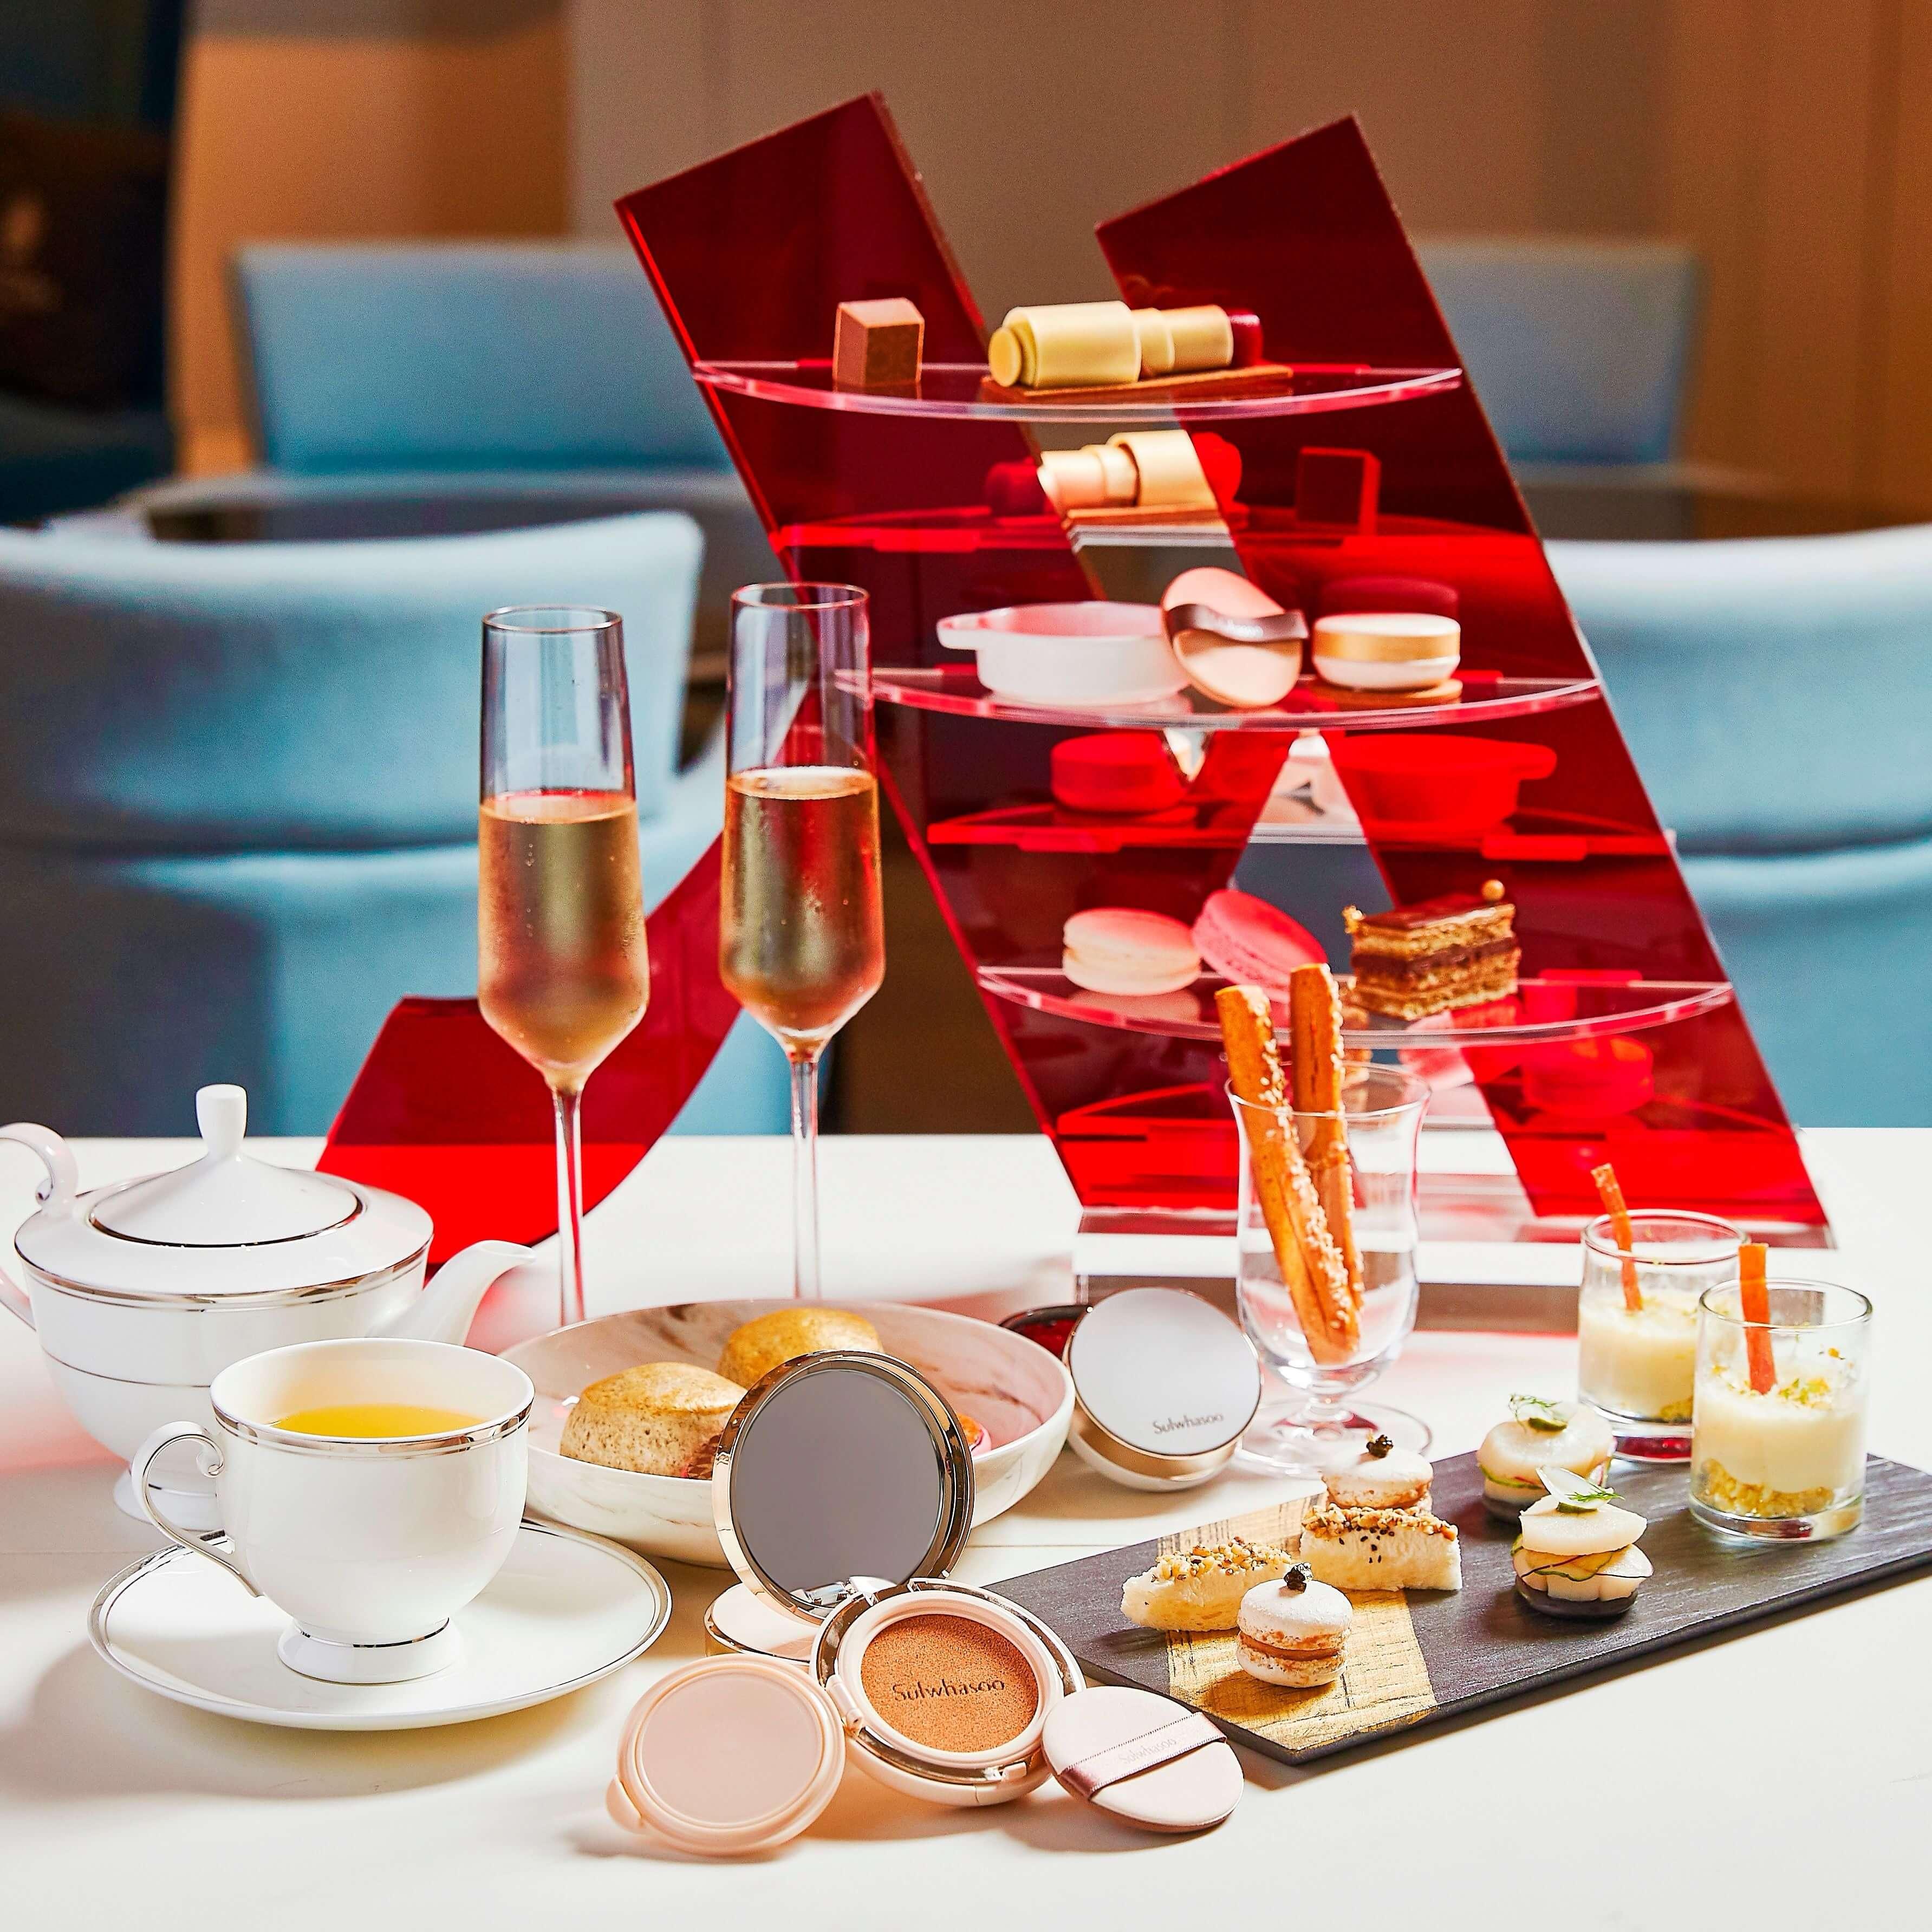 台北萬豪酒店Lobby Lounge x 雪花秀完美瓷肌下午茶。(圖/台北萬豪酒店提供)